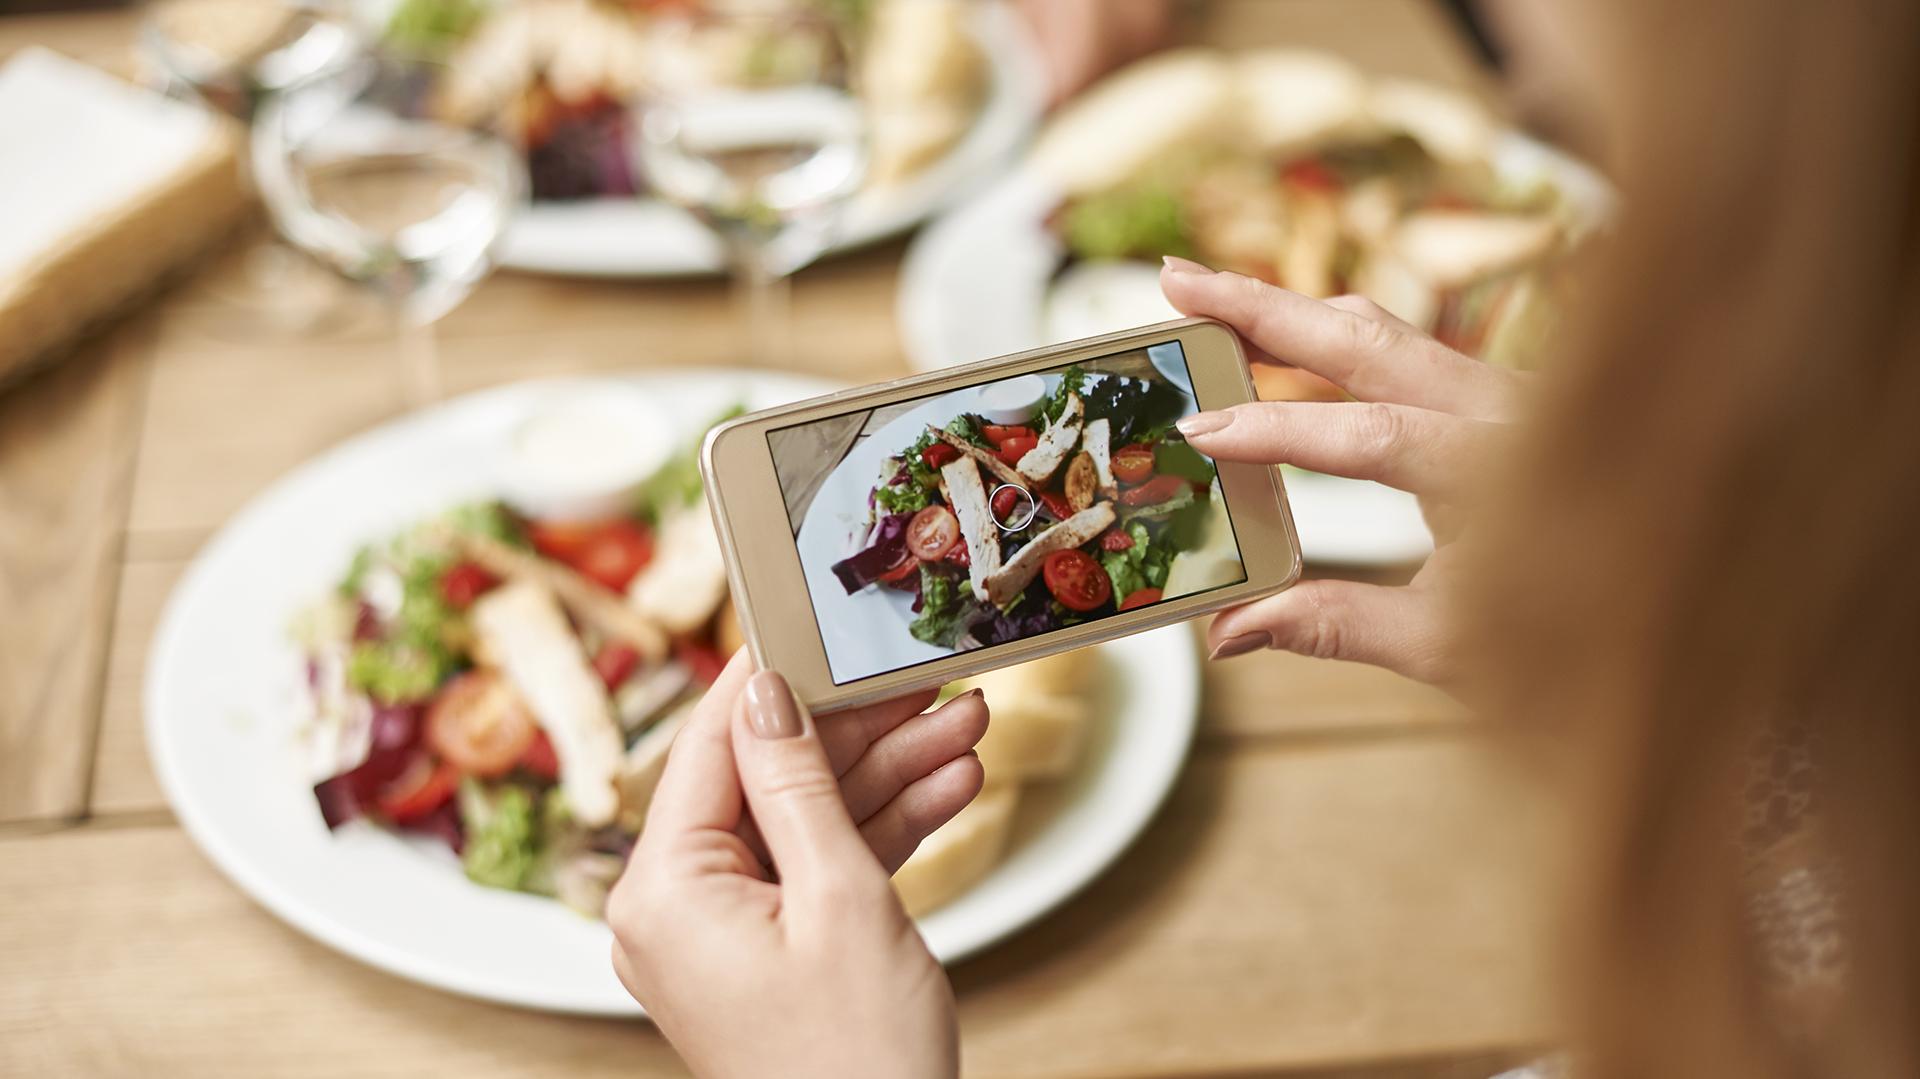 Con recetas sencillas es fácil inspirar a otros a adoptar hábitos saludables (Getty)